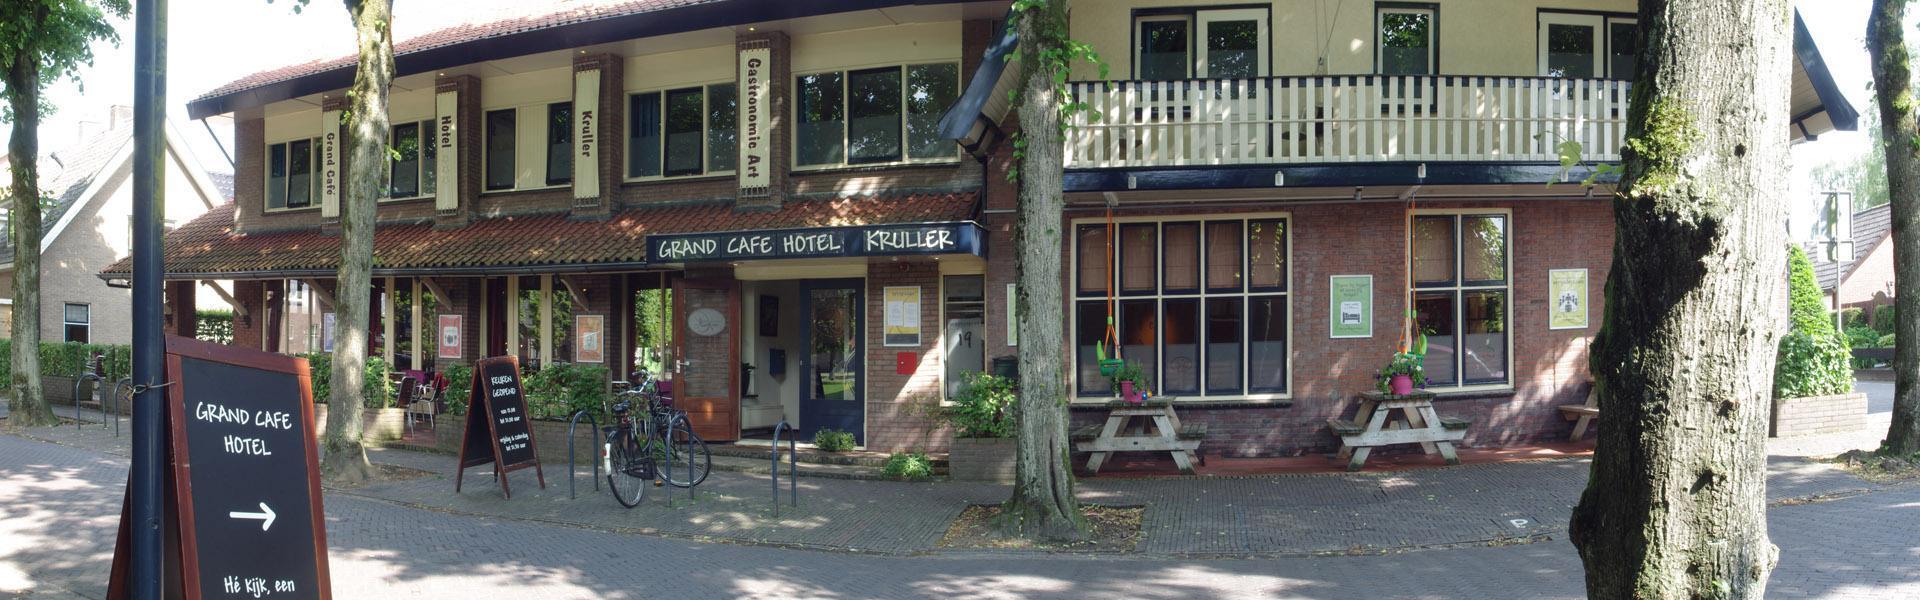 Een leuk hoteltje op de Veluwe? Bezoek Grand Cafe Hotel Kruller in Otterlo